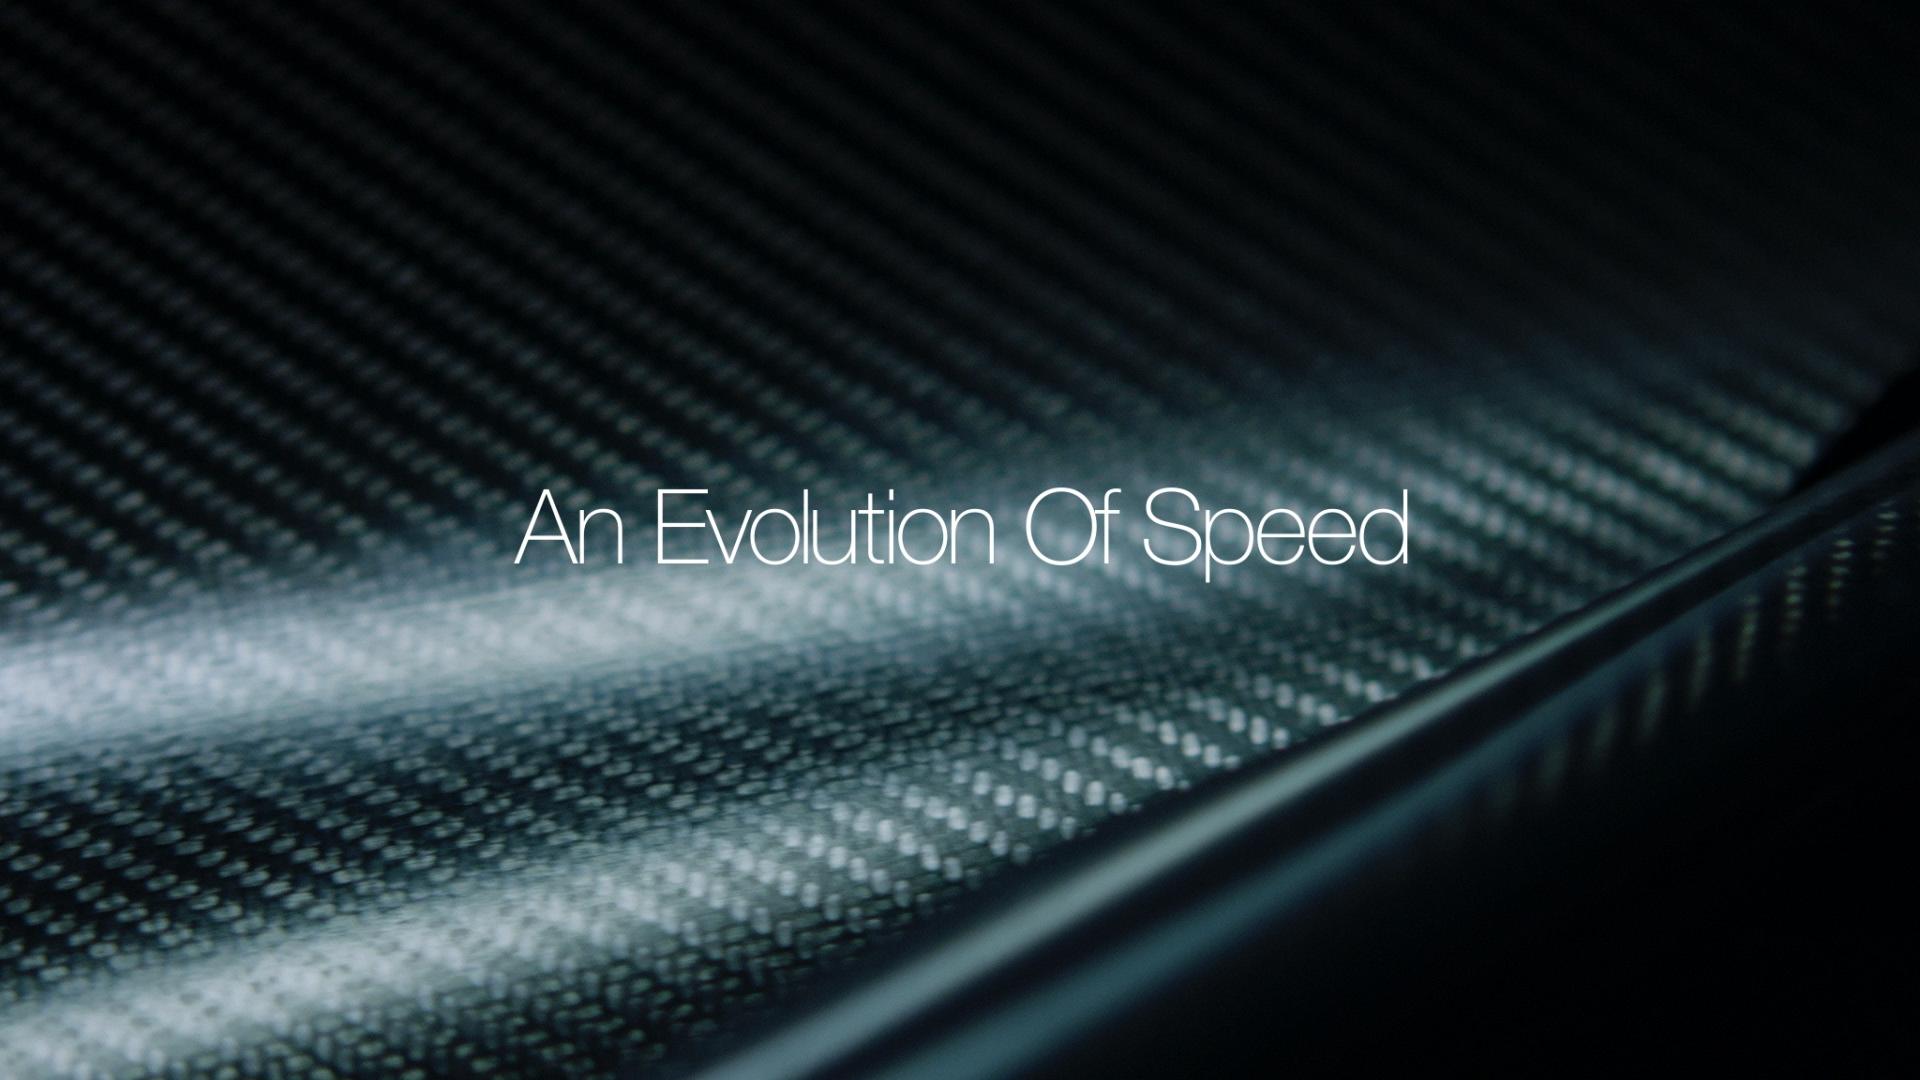 EPSON_EVOLUTION_OF_SPEED_1.1.1.jpg